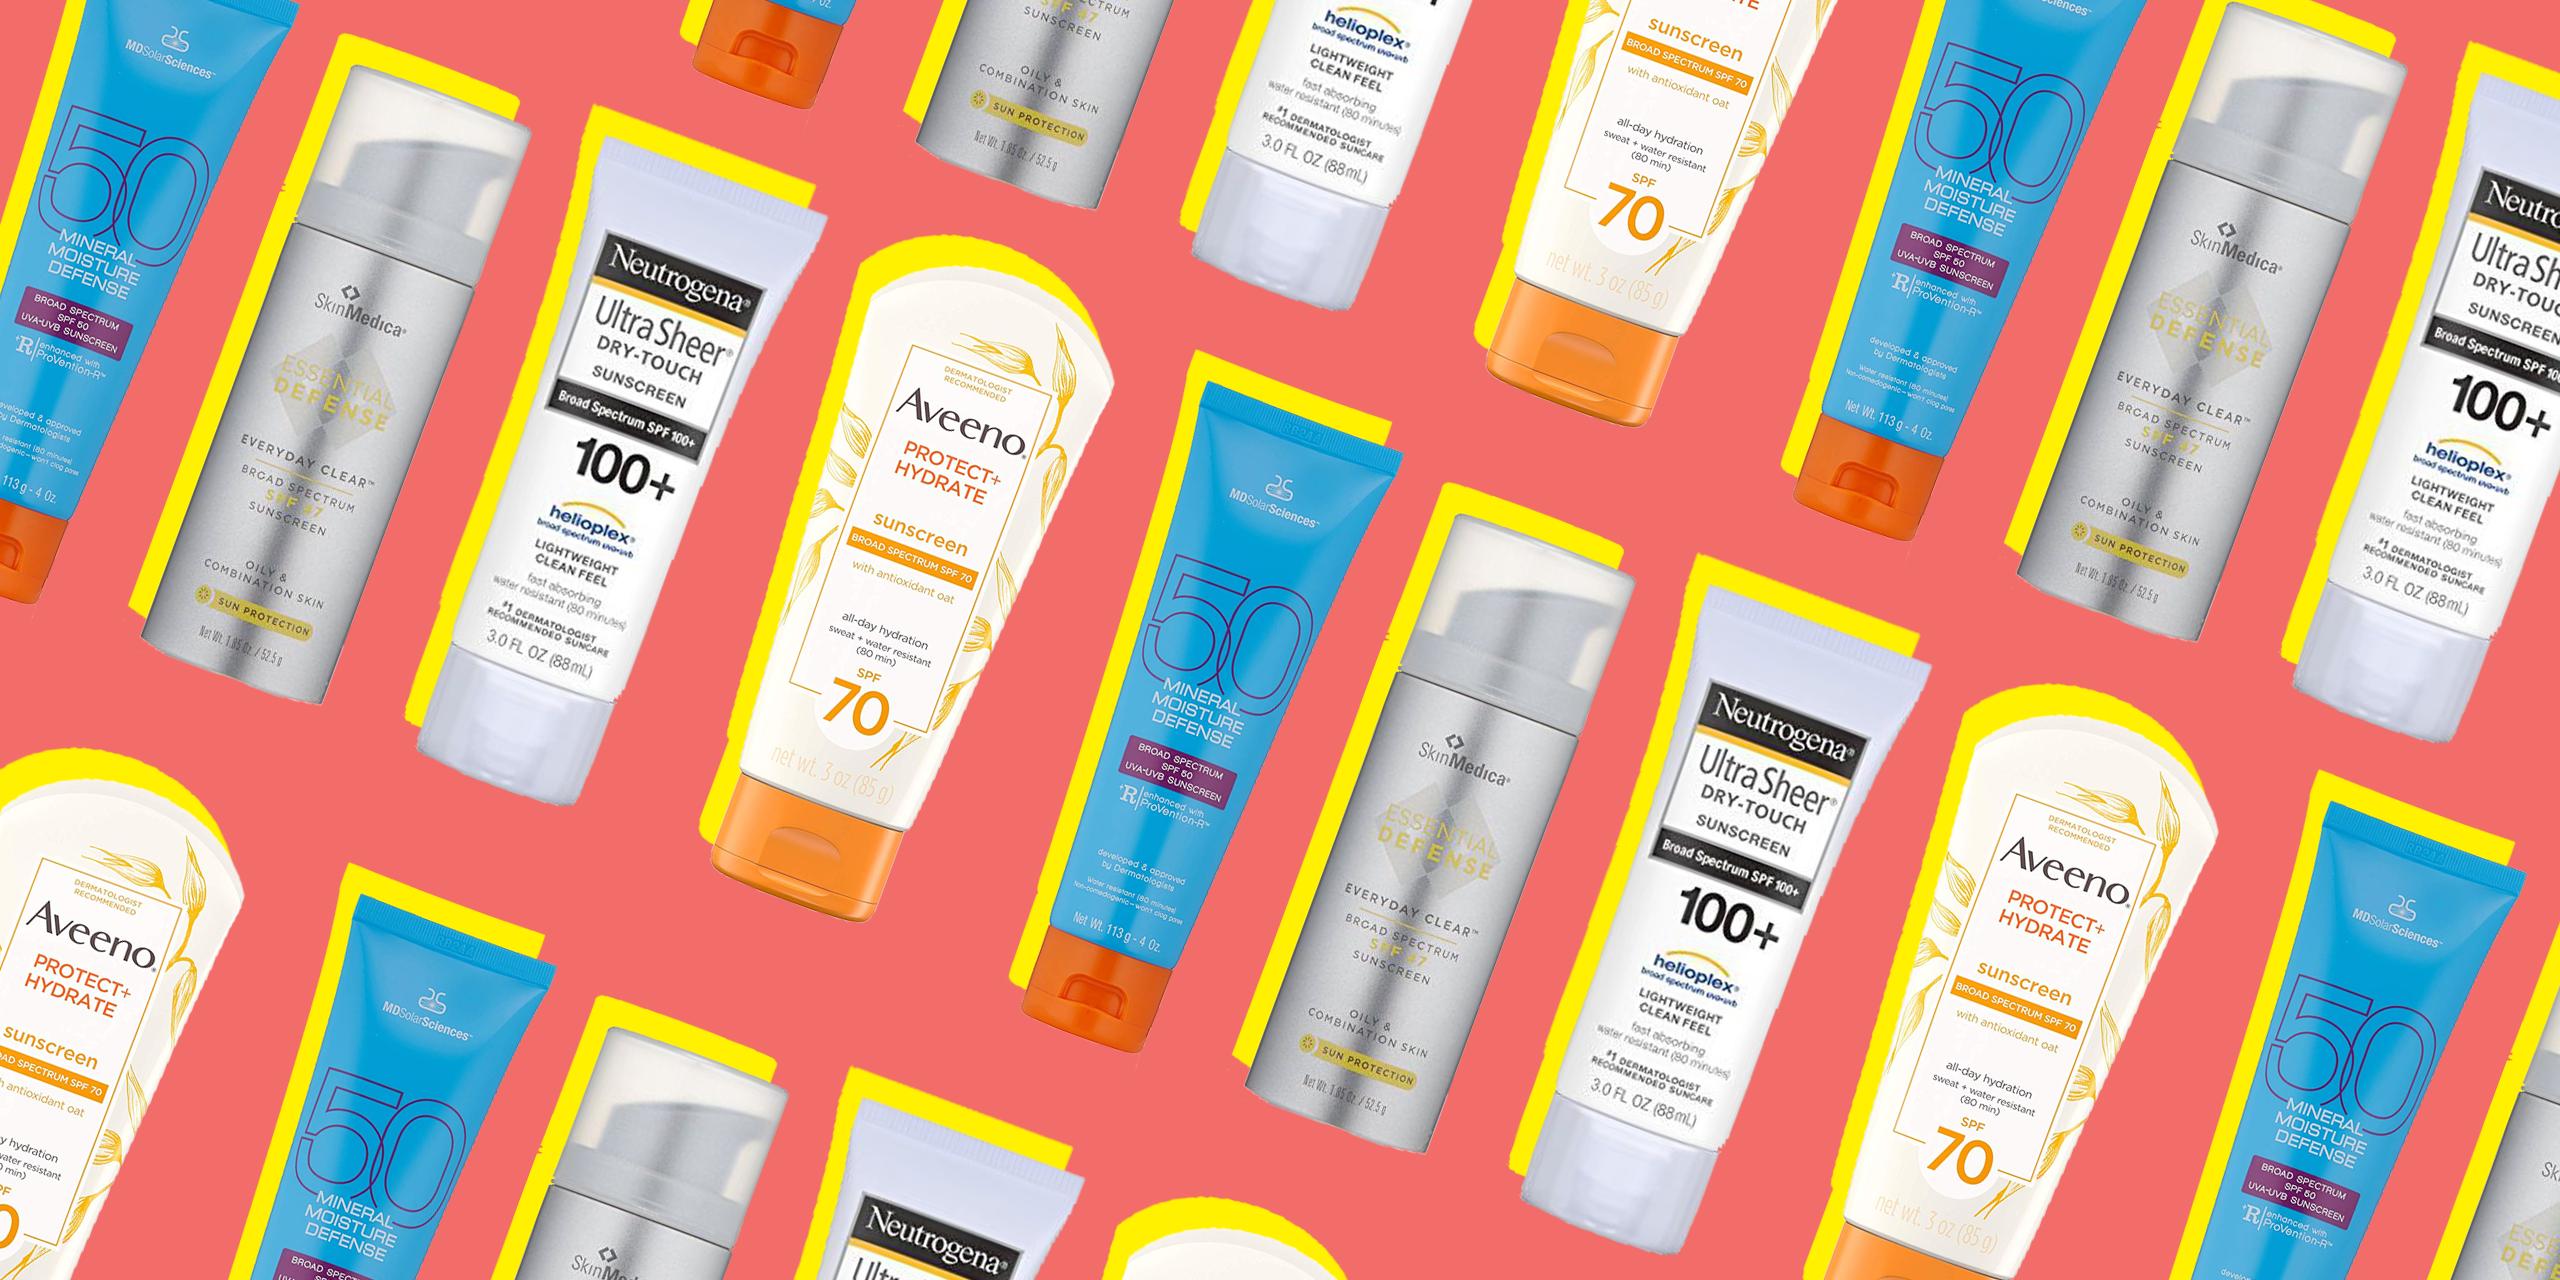 066c18af717d The Best Sunscreens of 2019